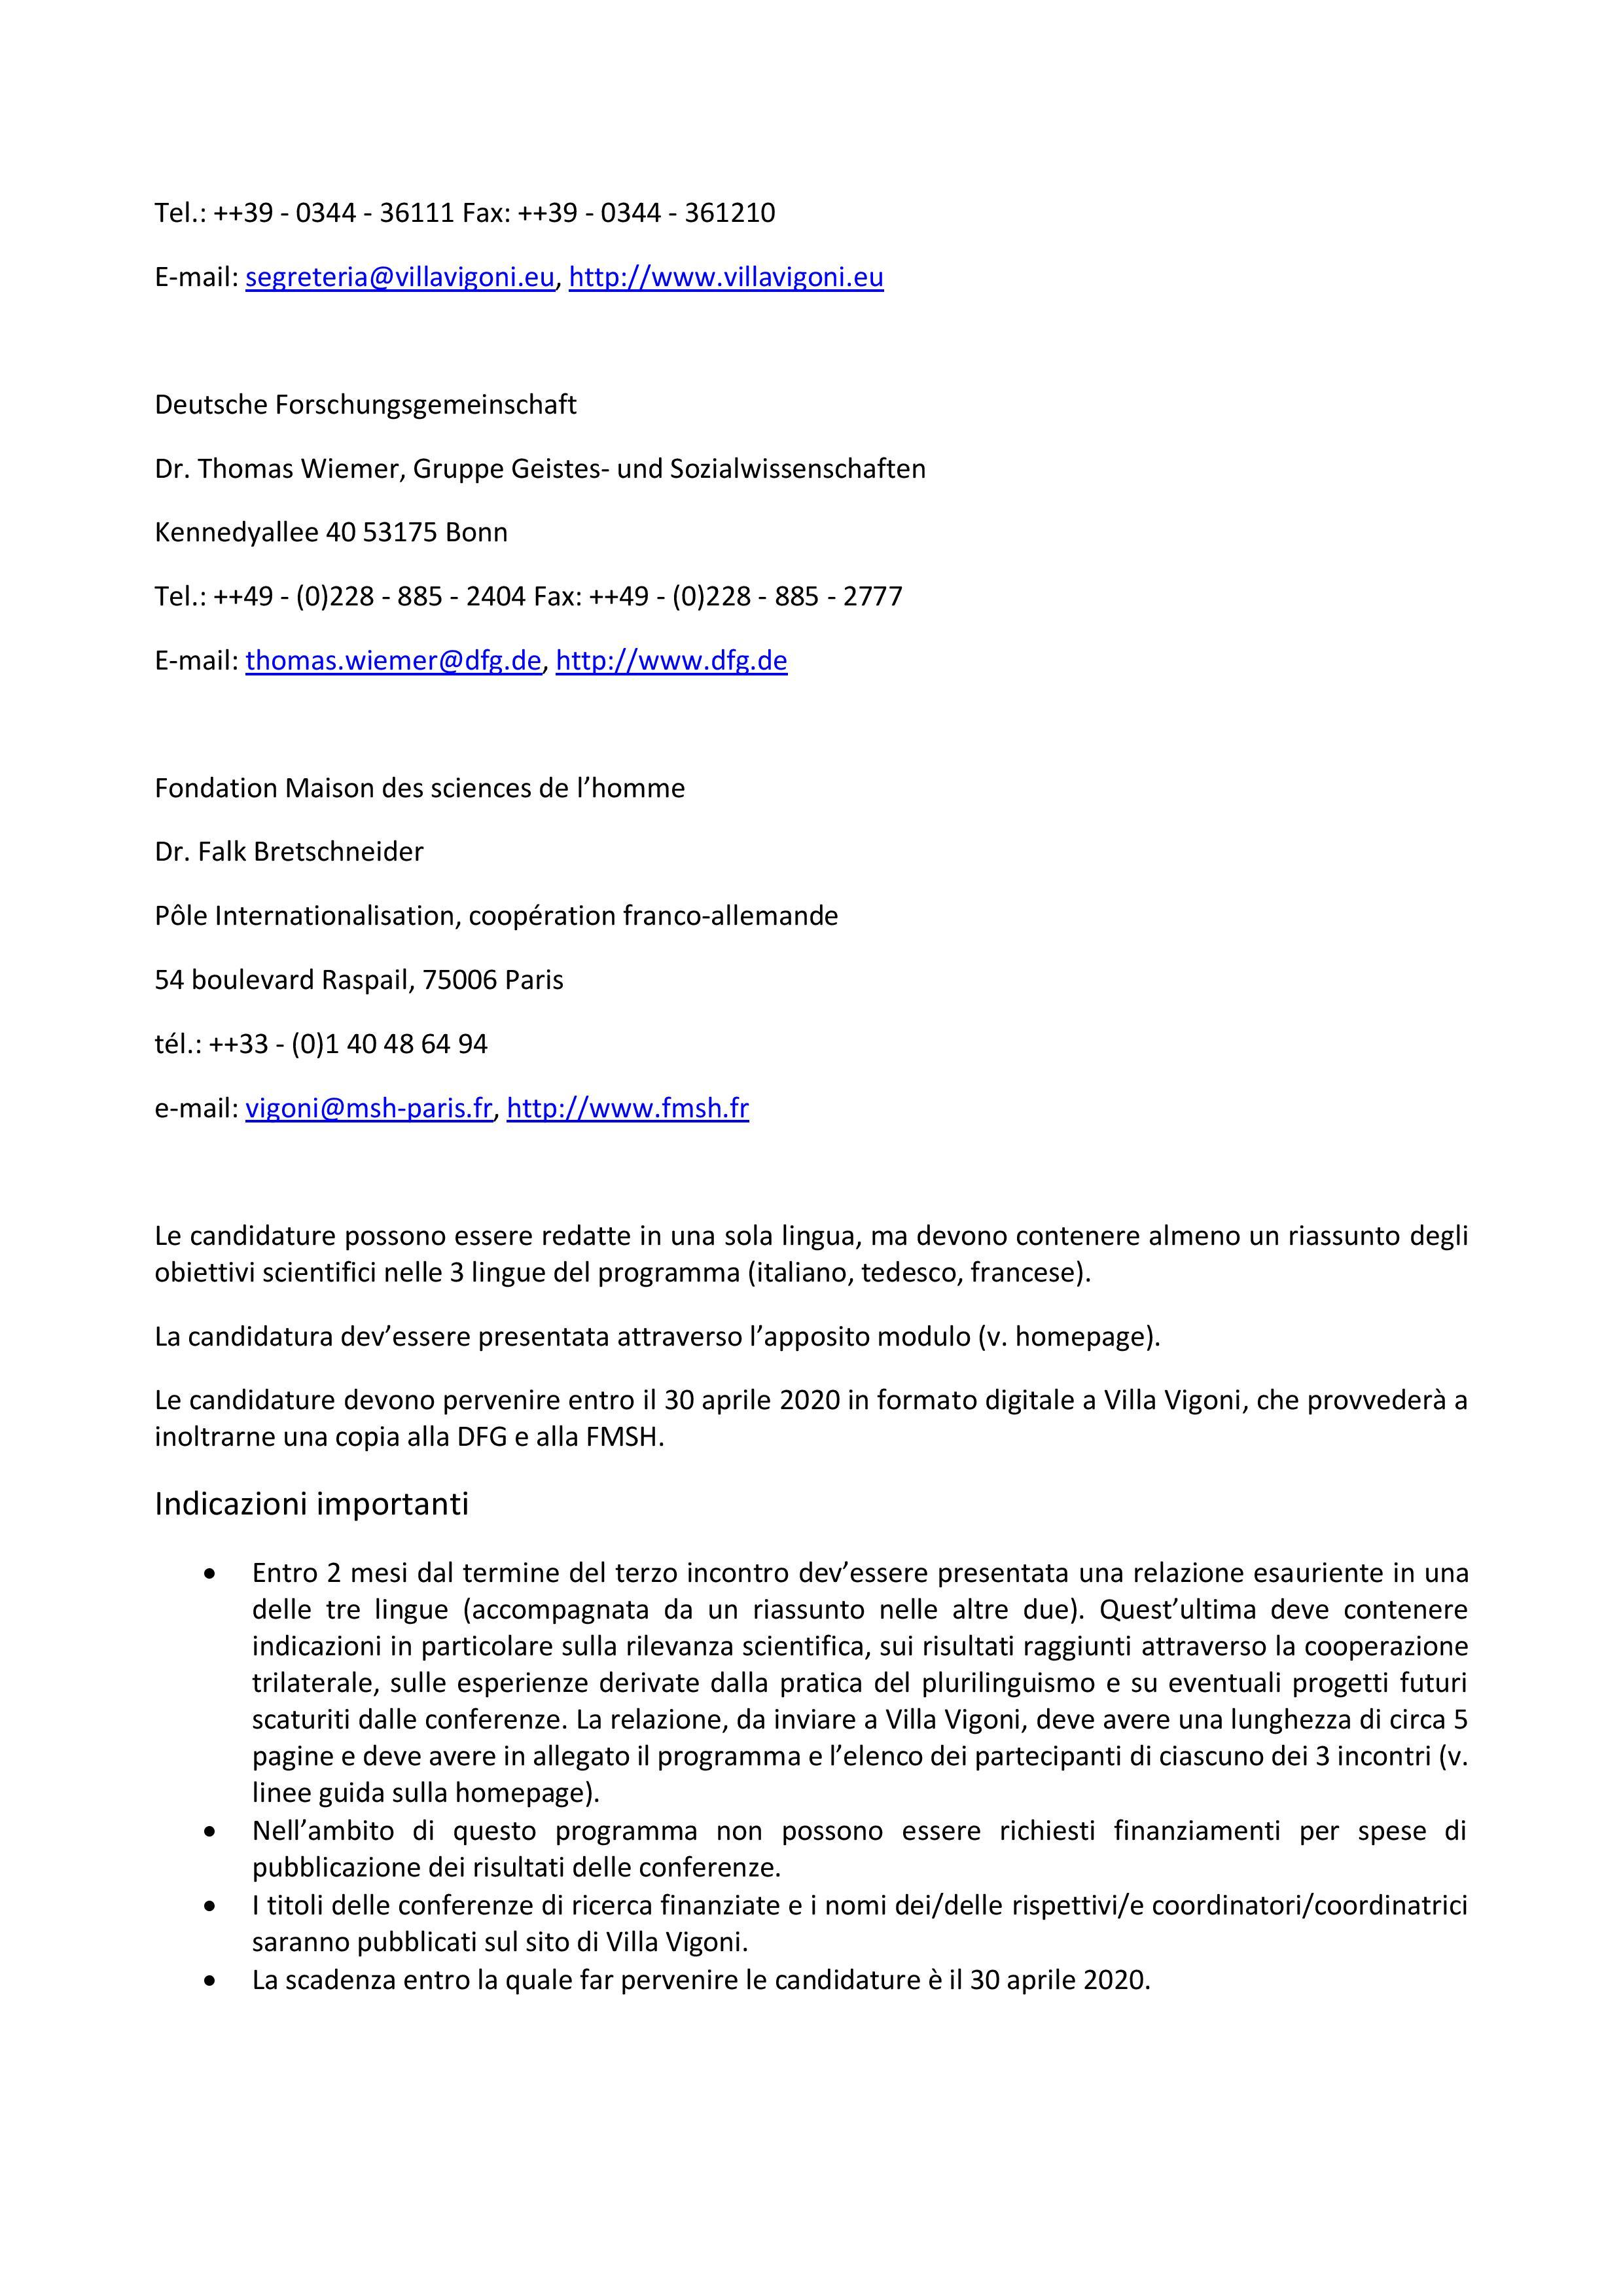 Conferenze-di-ricerca-trilaterali_2021-2023__BANDO-page-005